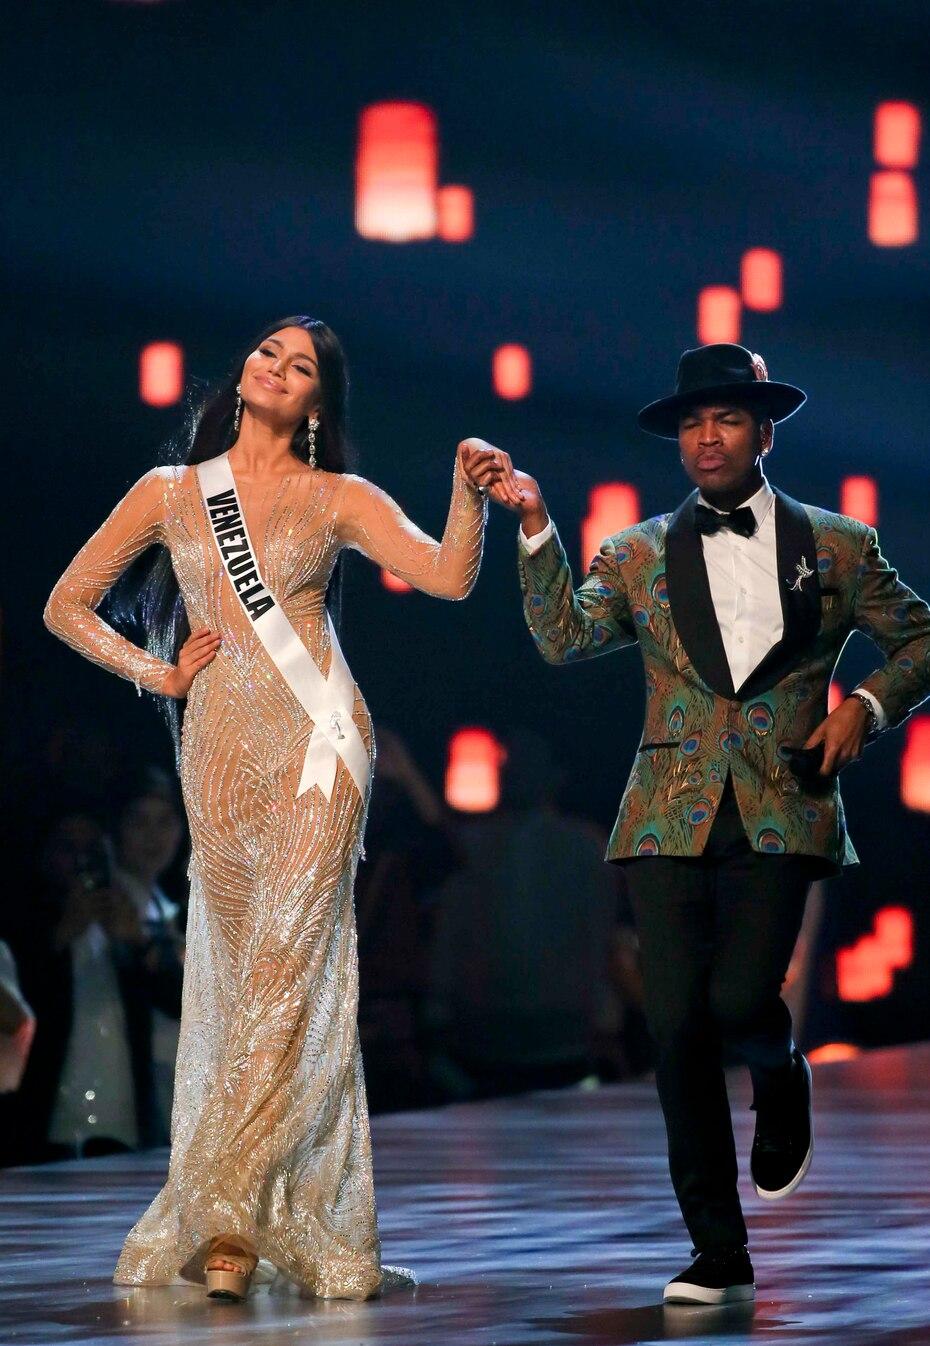 Ne-Yo acompaña a Miss Venezuela, quien terminó siendo eliminada en tercera posición.